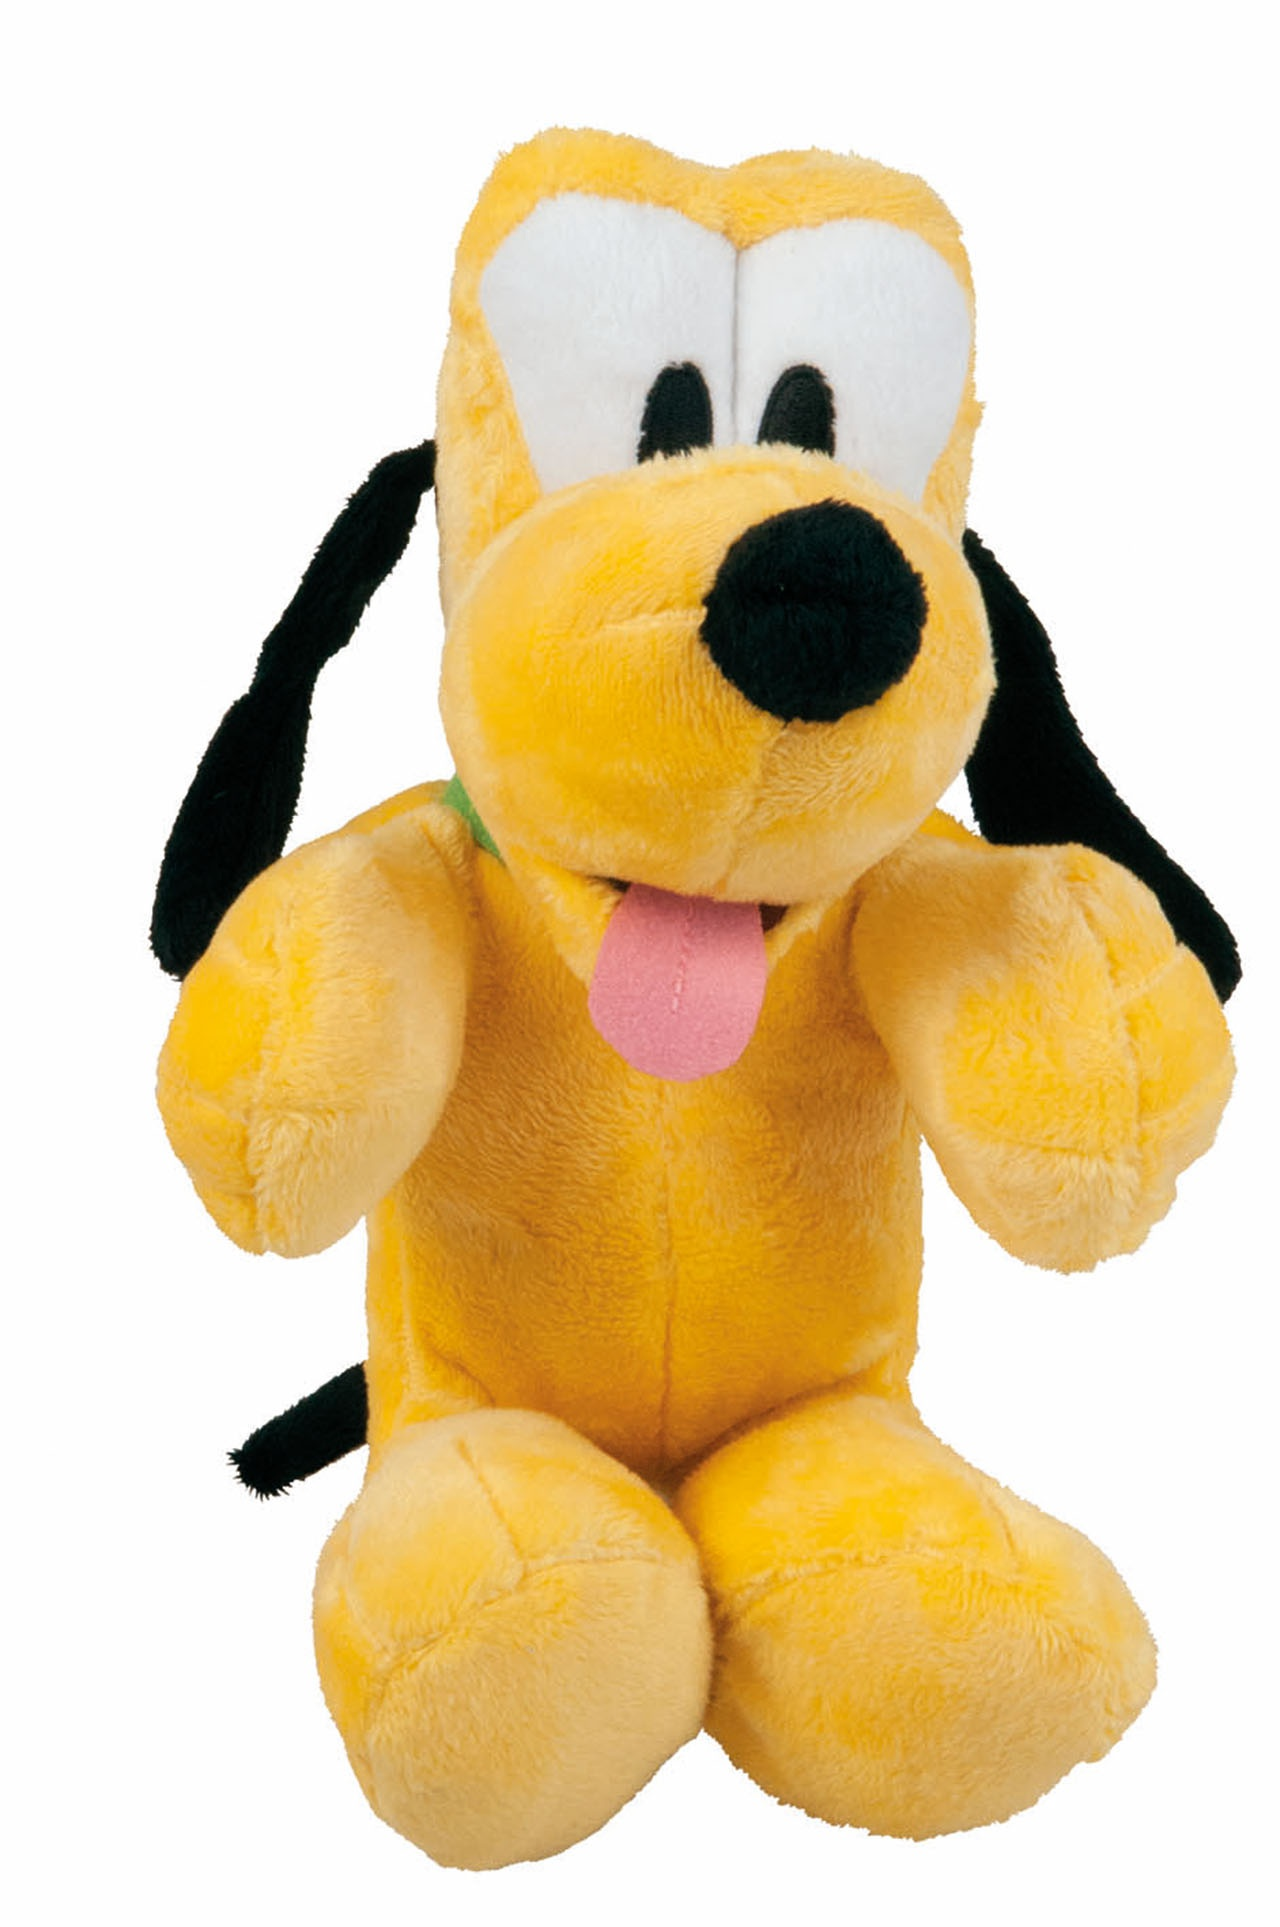 DINO  WD Disney postavička plyšový Pluto 25cm